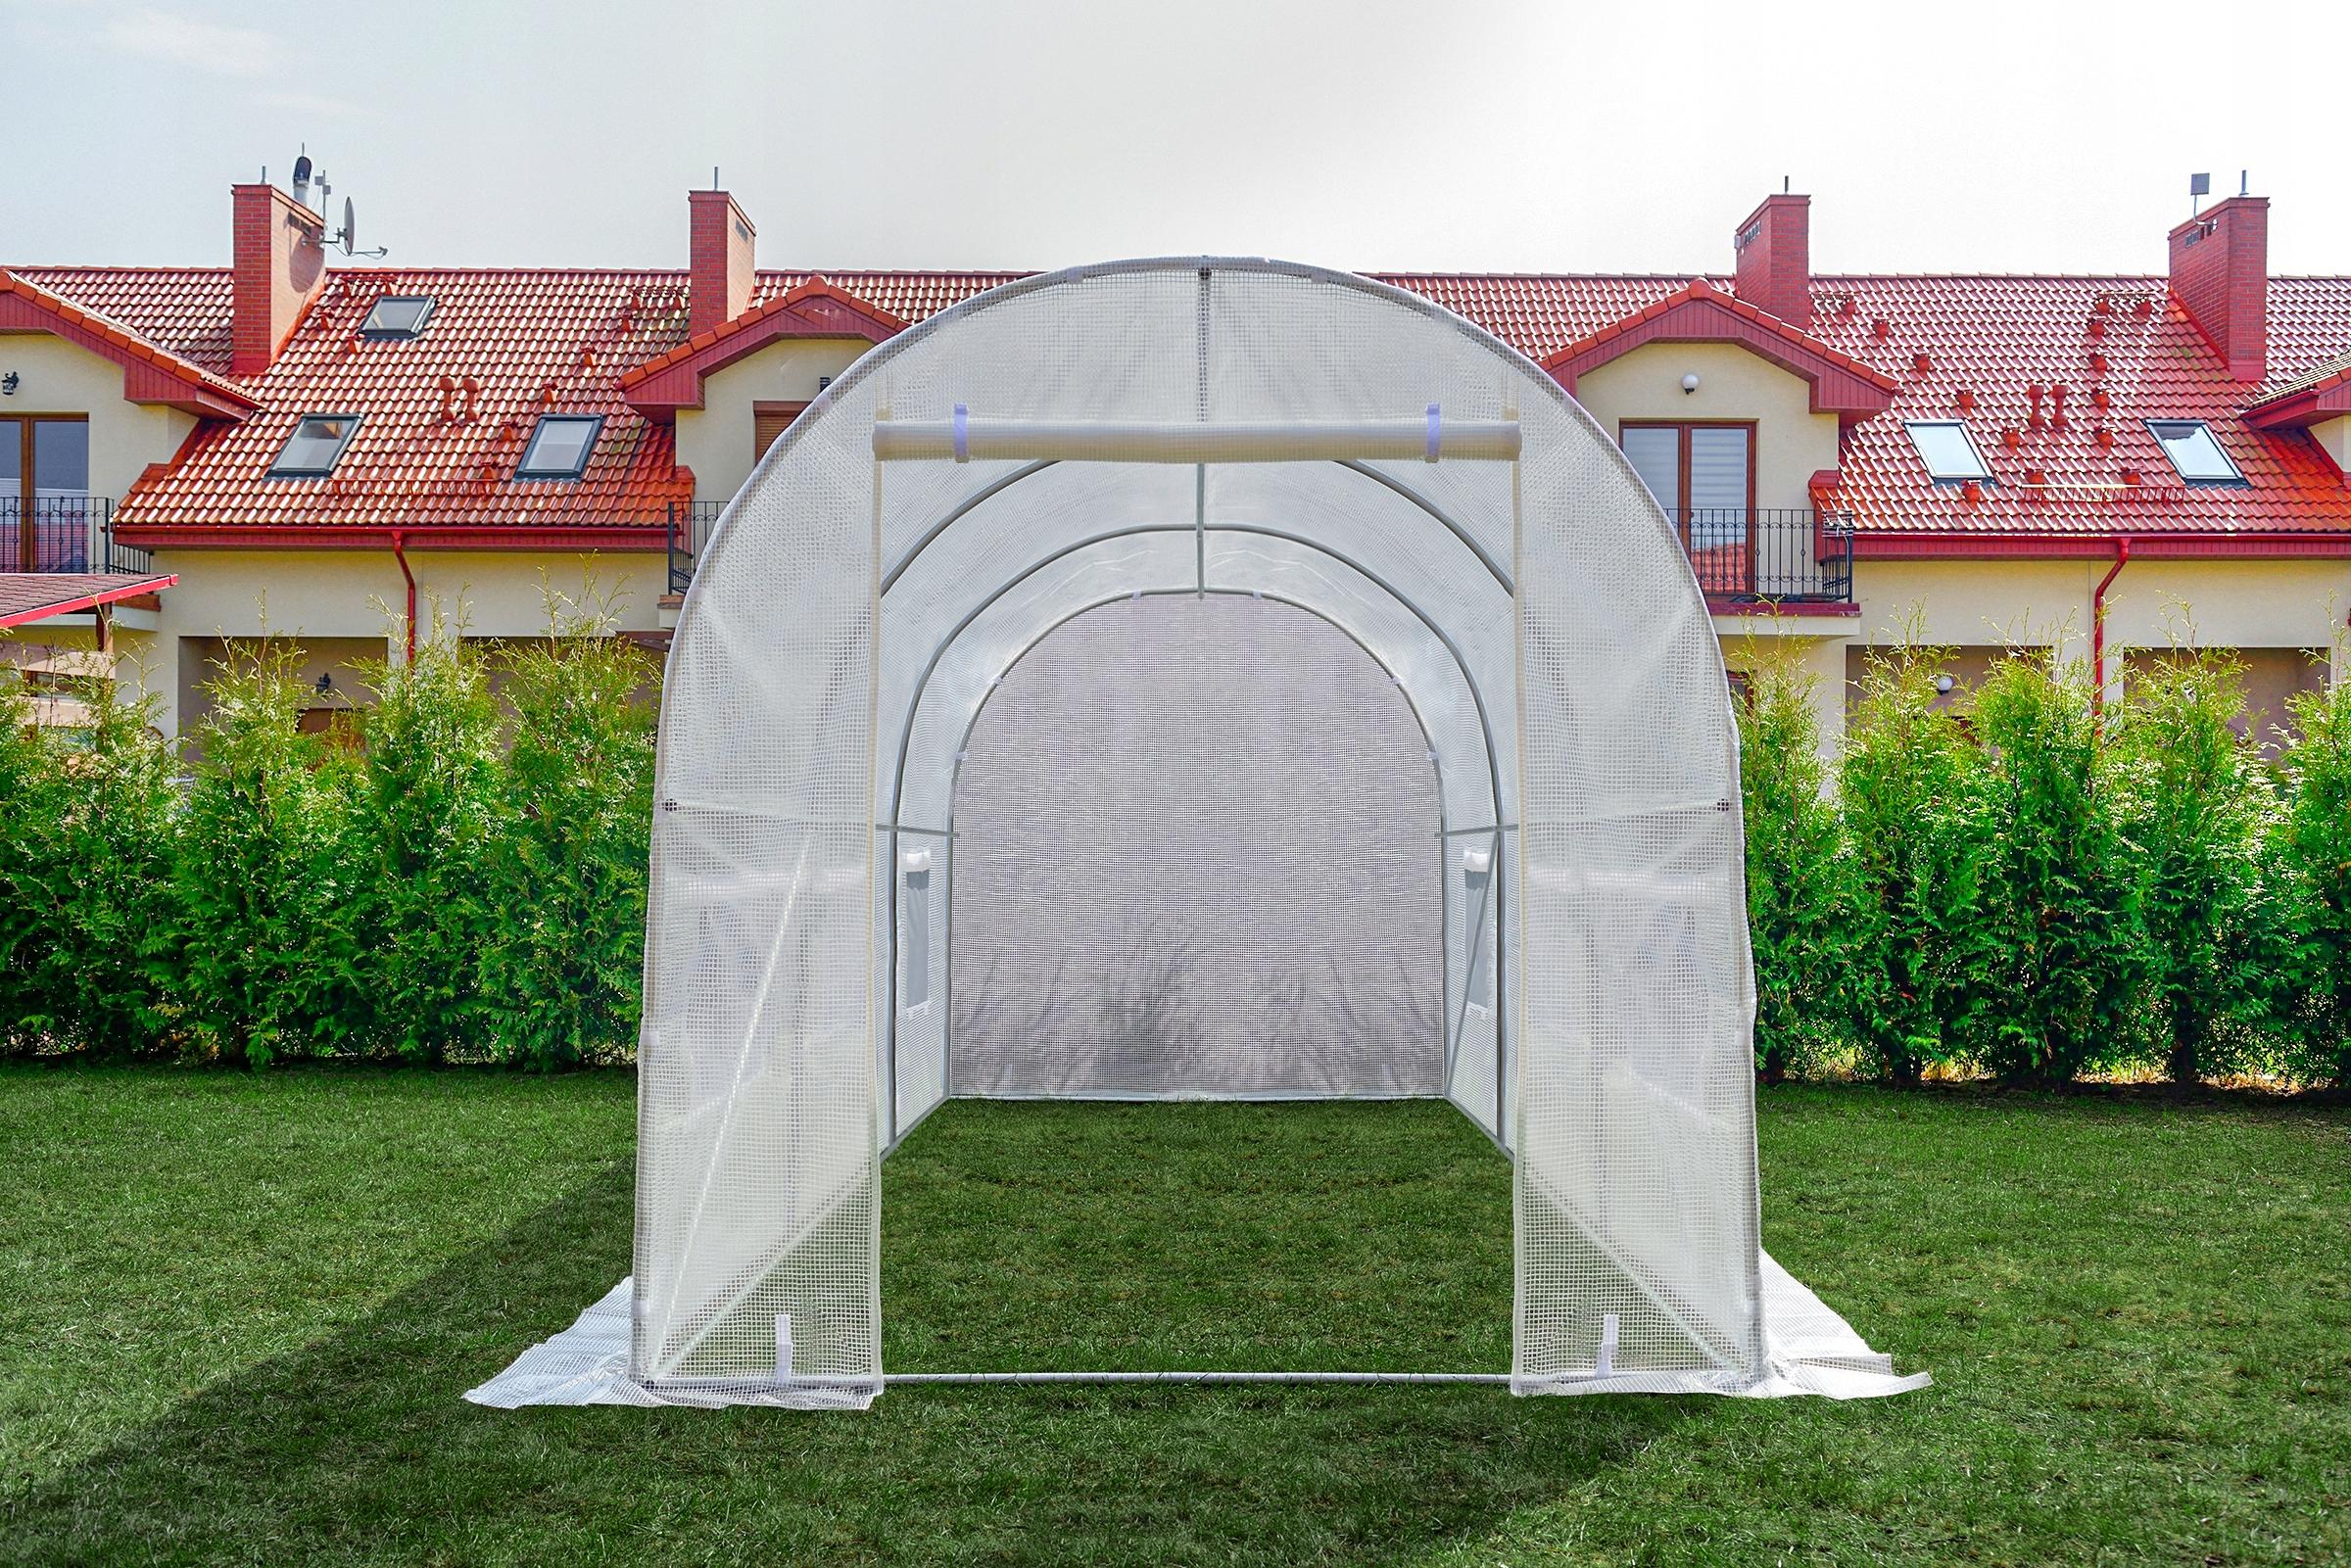 FÓLIOVÝ TUNEL 10m2 ZAHRADA GREENHOUSE 4x2,5m UV-4 Šírka 250 cm